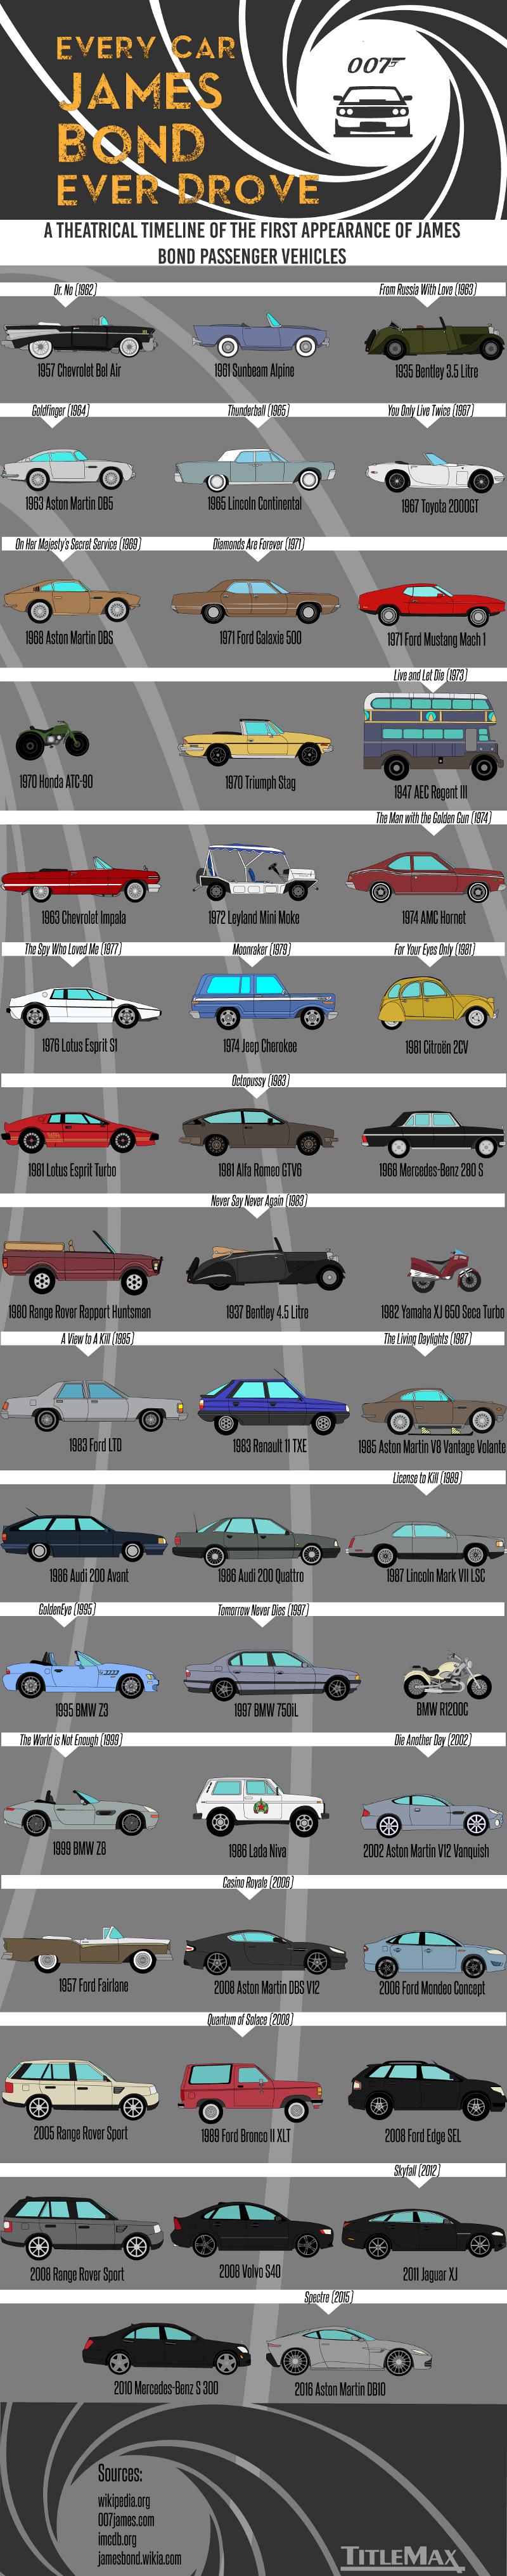 every-car-james-bond-ever-drove